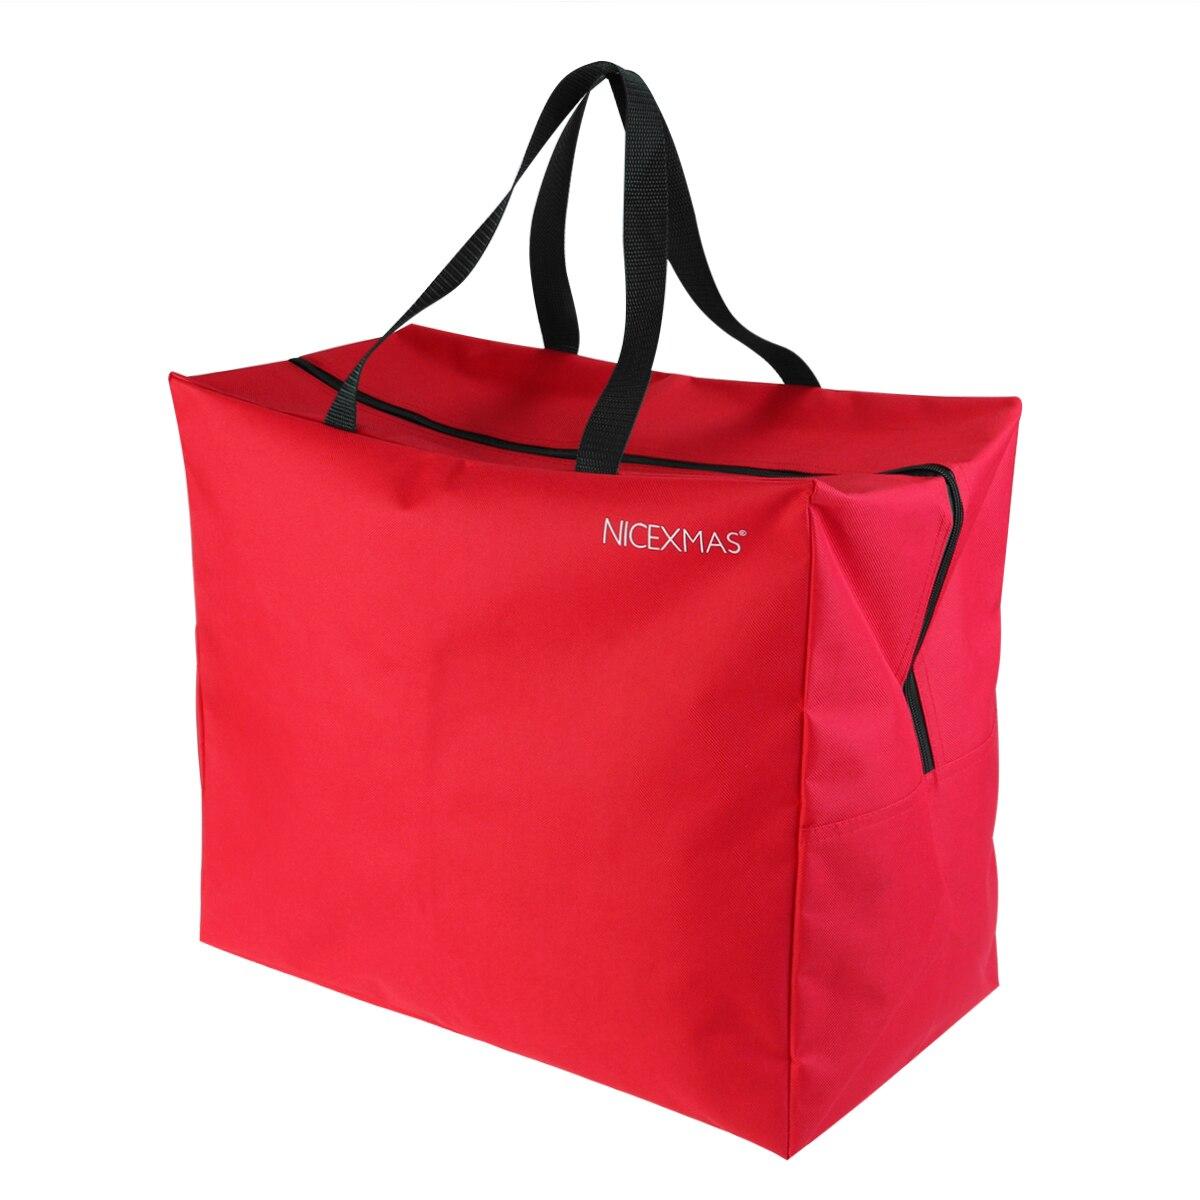 Красная Праздничная сумка для хранения рождественской елки, вместительная сумка на молнии для искусственной елки с ручками